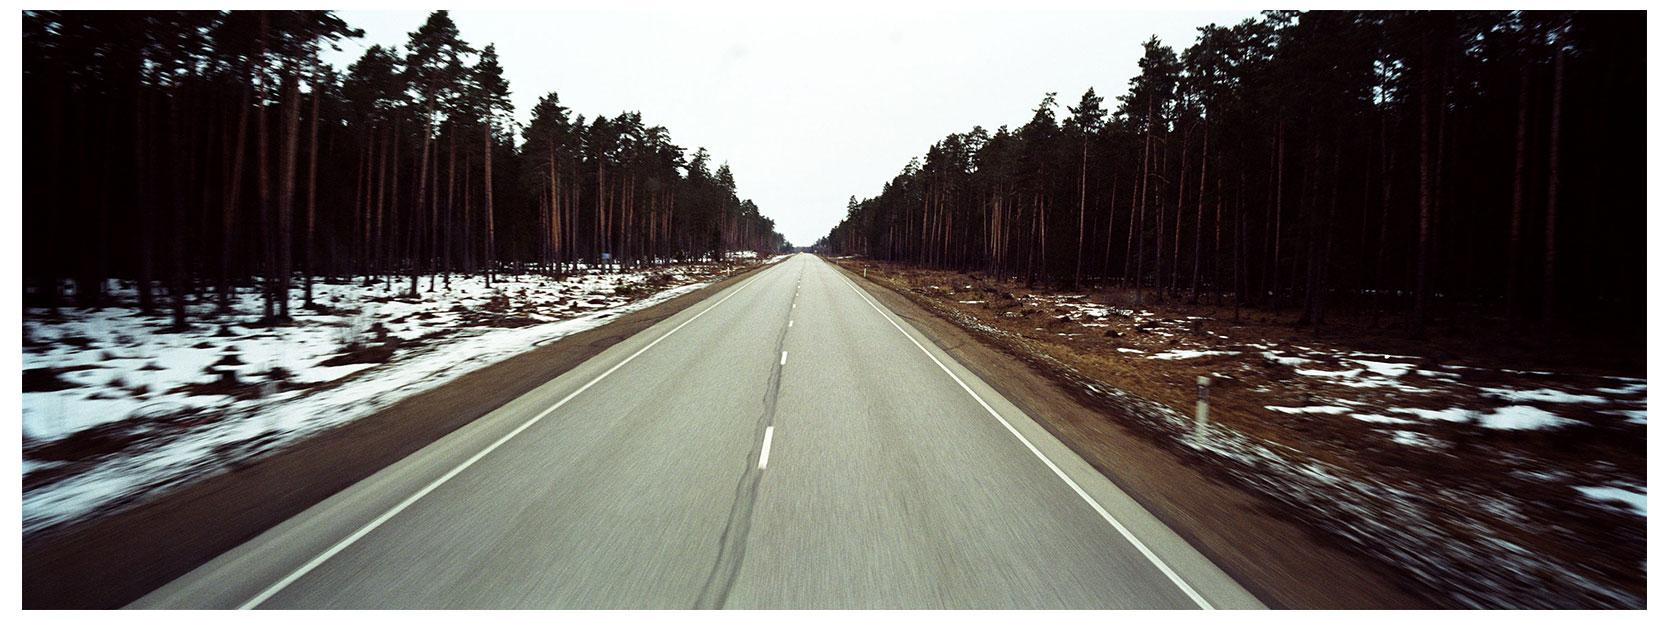 klt_esto-road27